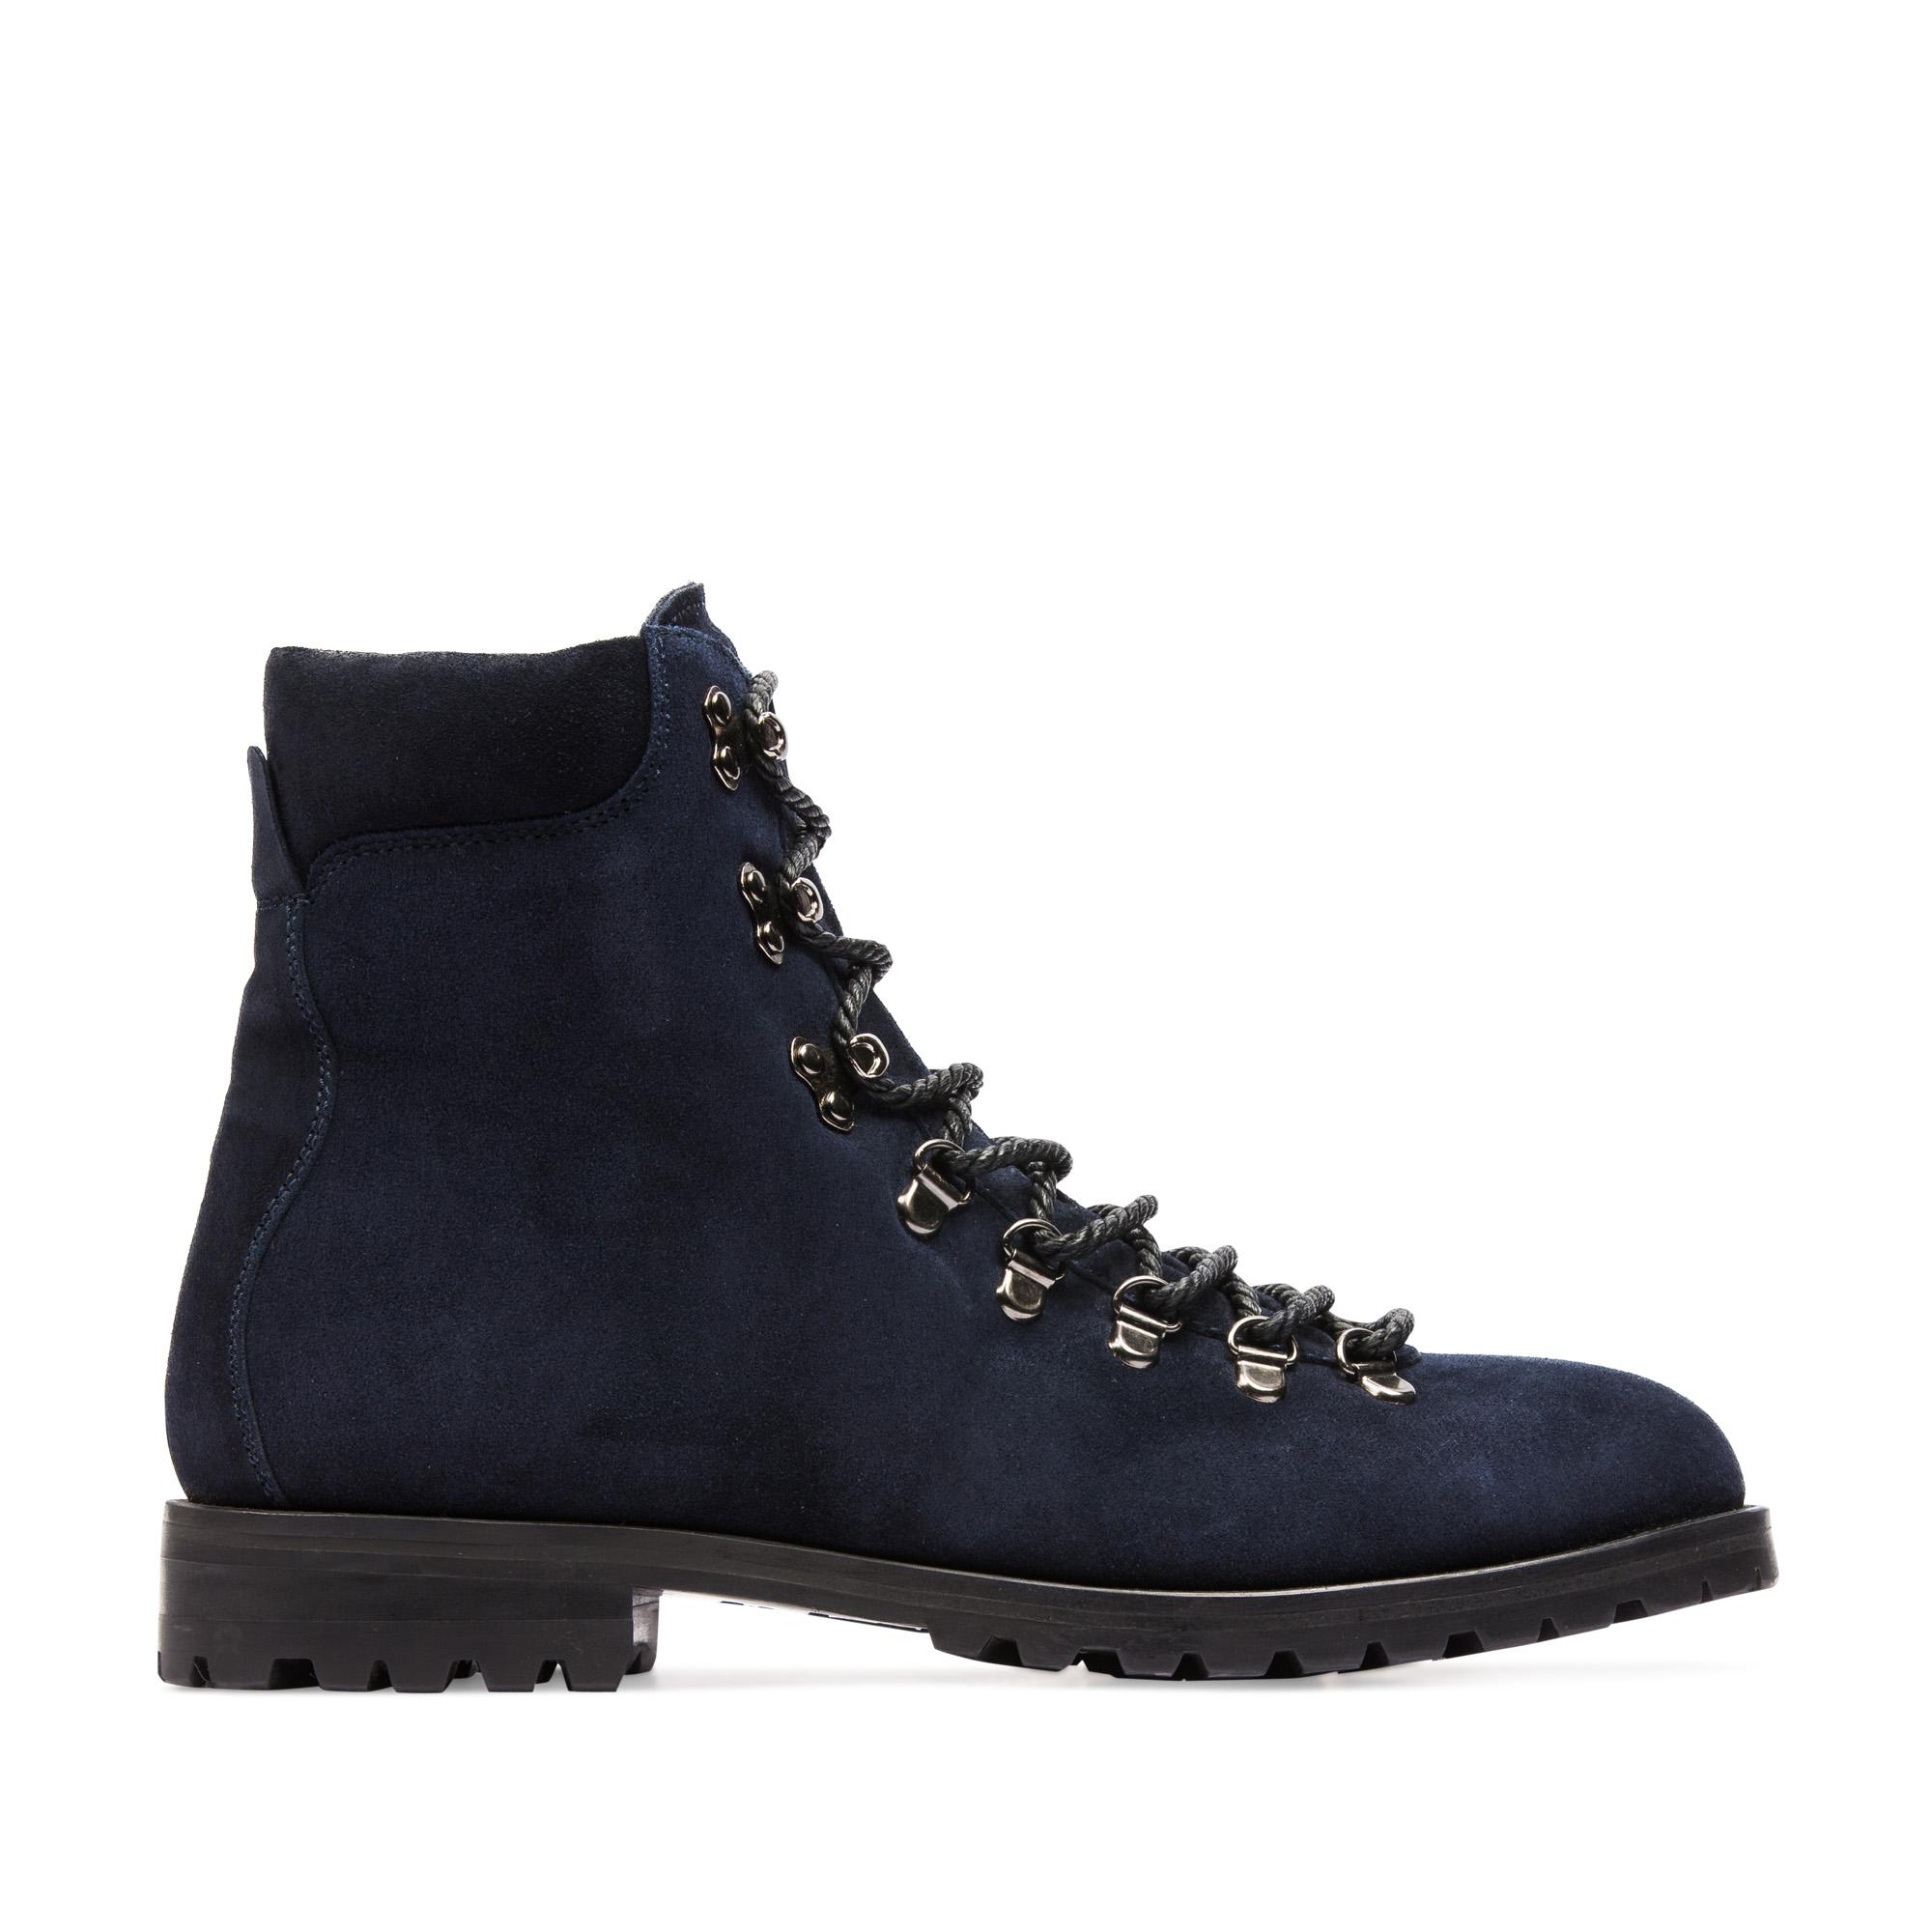 Высокие ботинки из замши темно-синего цвета на протекторной подошвеБотинки мужские<br><br>Материал верха: Замша<br>Материал подкладки: Кожа<br>Материал подошвы: Резина<br>Цвет: Синий<br>Высота каблука: 3 см<br>Дизайн: Италия<br>Страна производства: Китай<br><br>Высота каблука: 3 см<br>Материал верха: Замша<br>Материал подкладки: Кожа<br>Цвет: Синий<br>Пол: Мужской<br>Вес кг: 2.22000000<br>Размер: 41